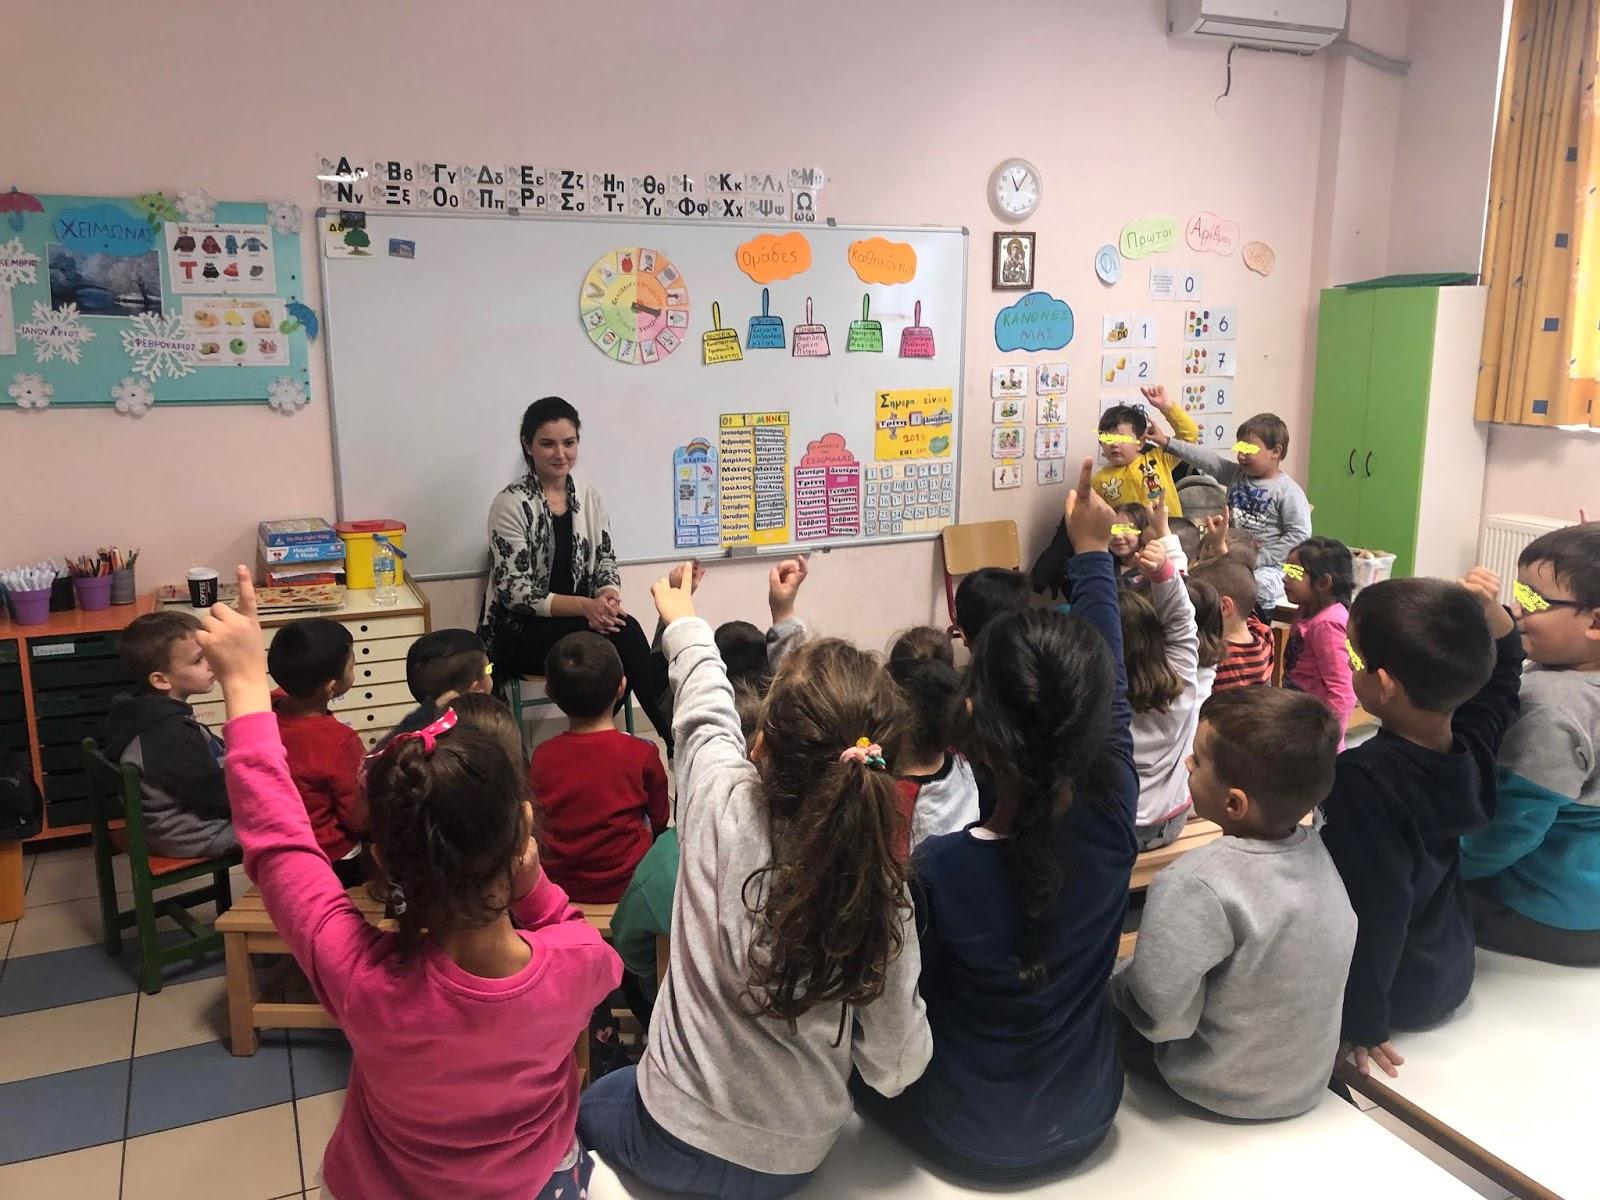 Δράση προληπτικής ιατρικής από το Κέντρο Κοινότητας – Παράρτημα Ρομά στα νηπιαγωγεία της Νέας Σμύρνης